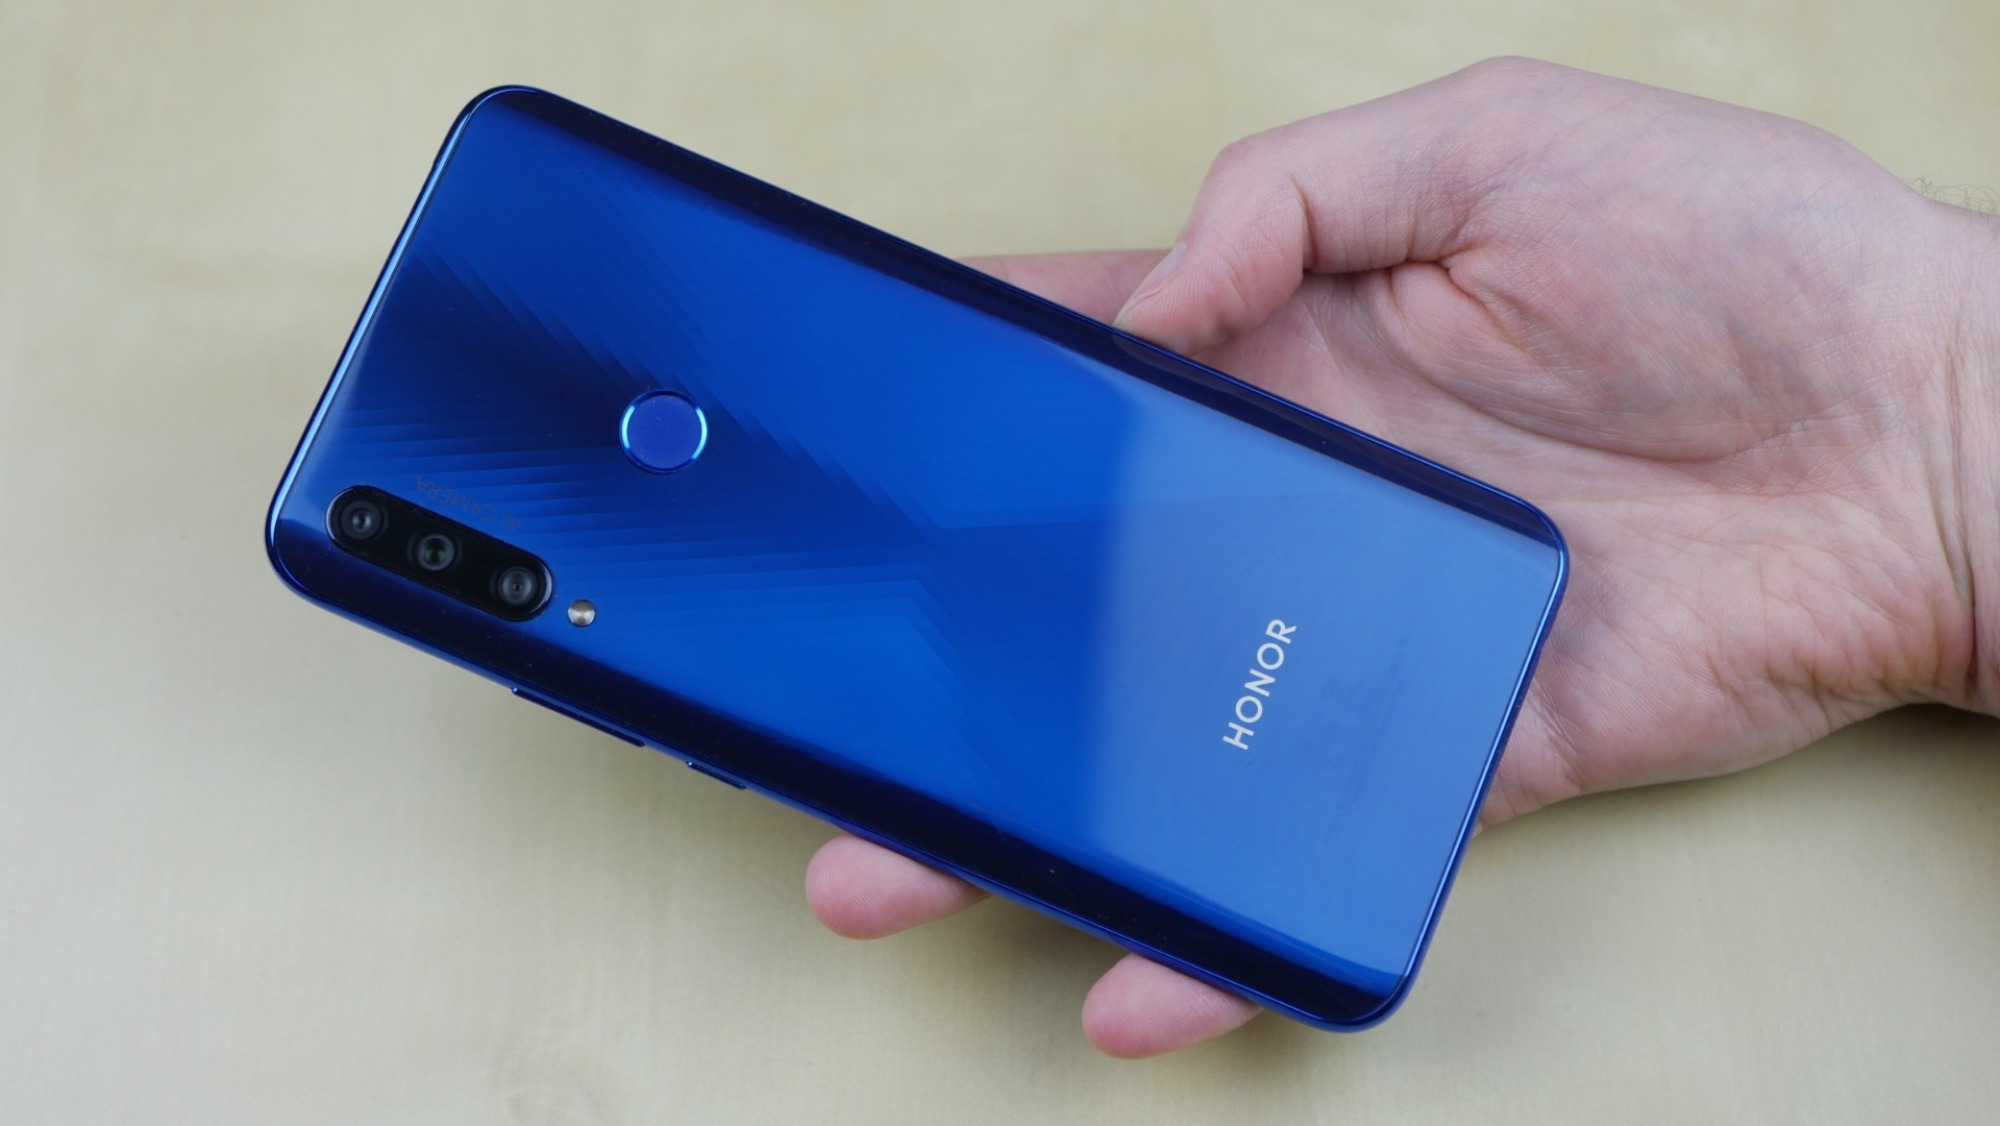 Te smartfony Honor dostaną wkrótce aktualizację do Magic UI 3.0